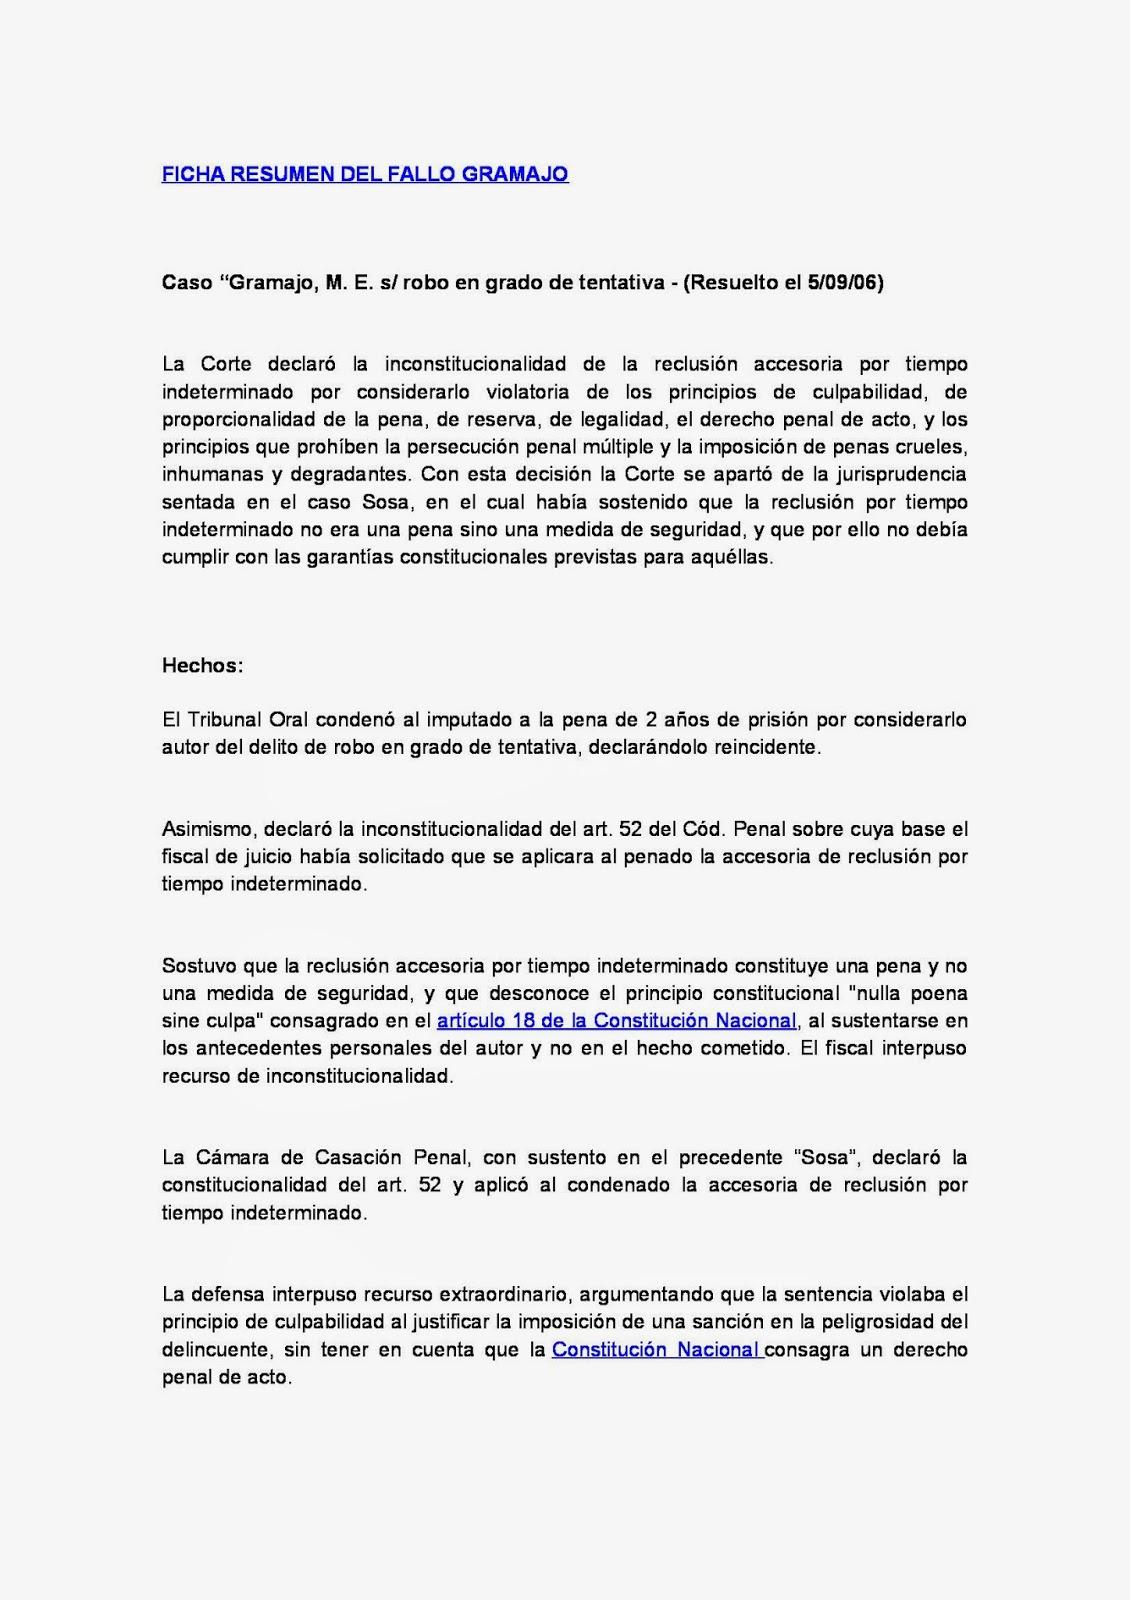 RESUMEN DE FALLOS: SINTESIS DEL FALLO GRAMAJO